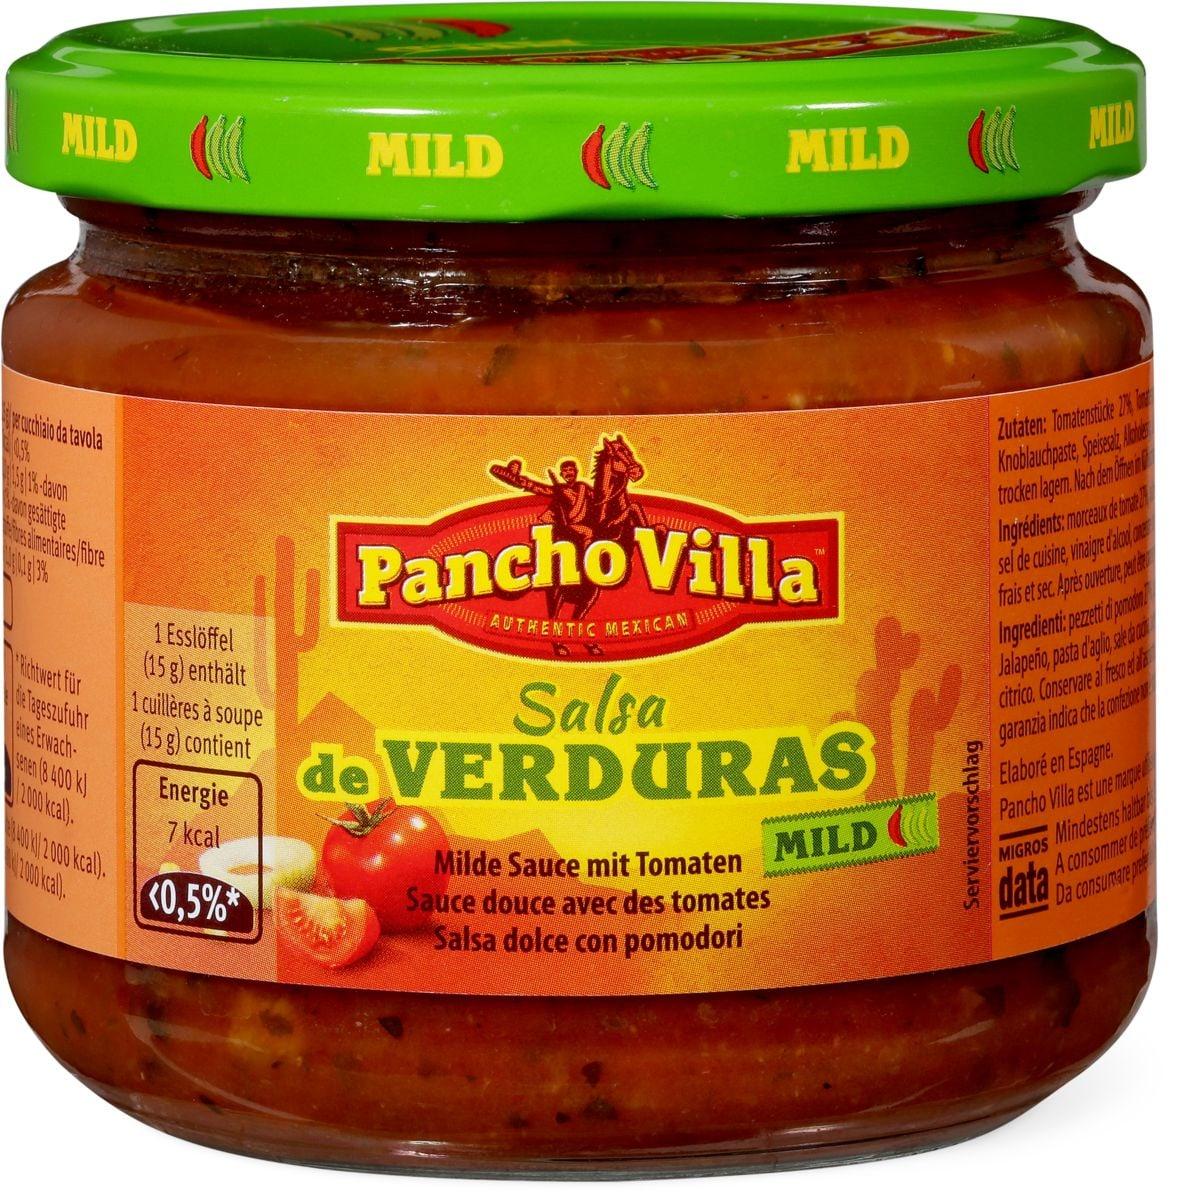 Pancho Villa Salsa de Verduras Mild